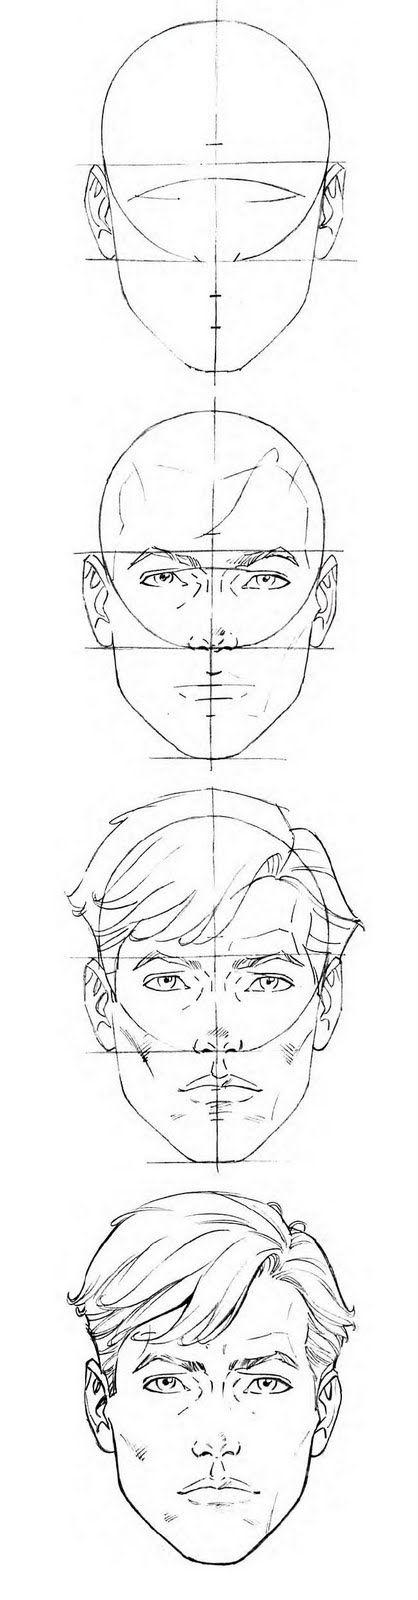 Técnicas para dibujar